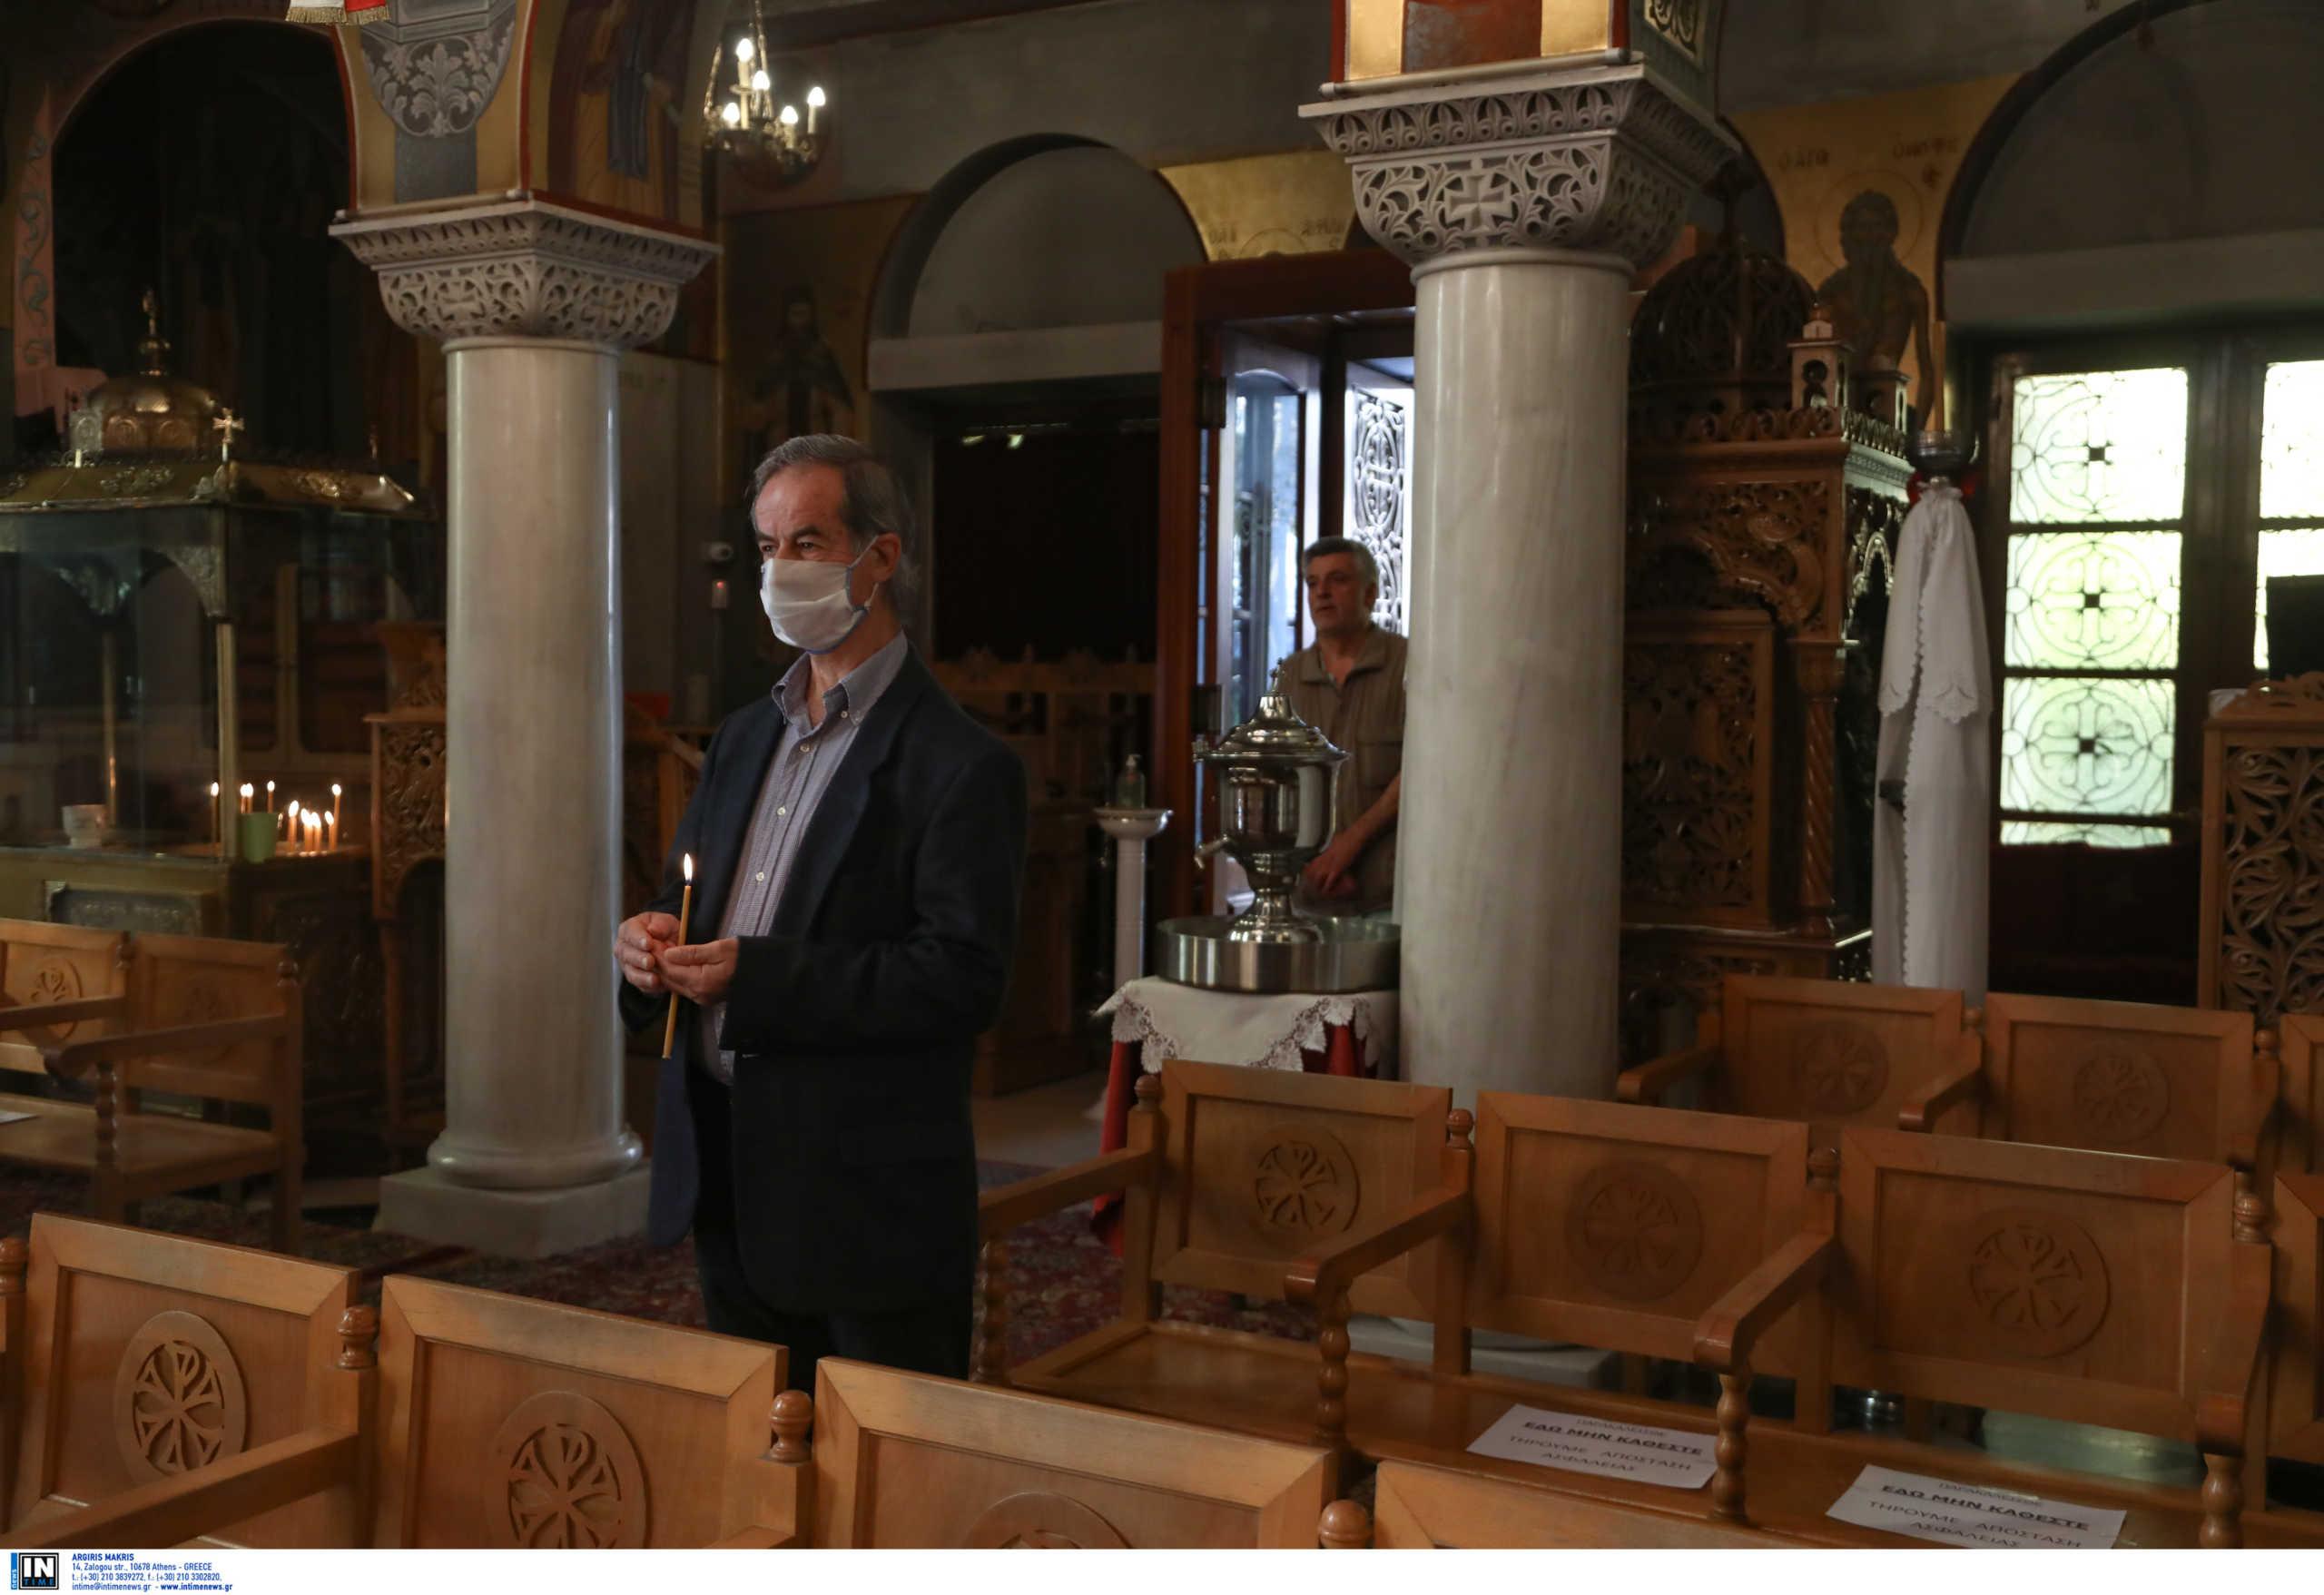 Ιερά Σύνοδος: Ανοίγουν οι εκκλησίες με σύστημα ελεγχόμενης αναμονής πιστών